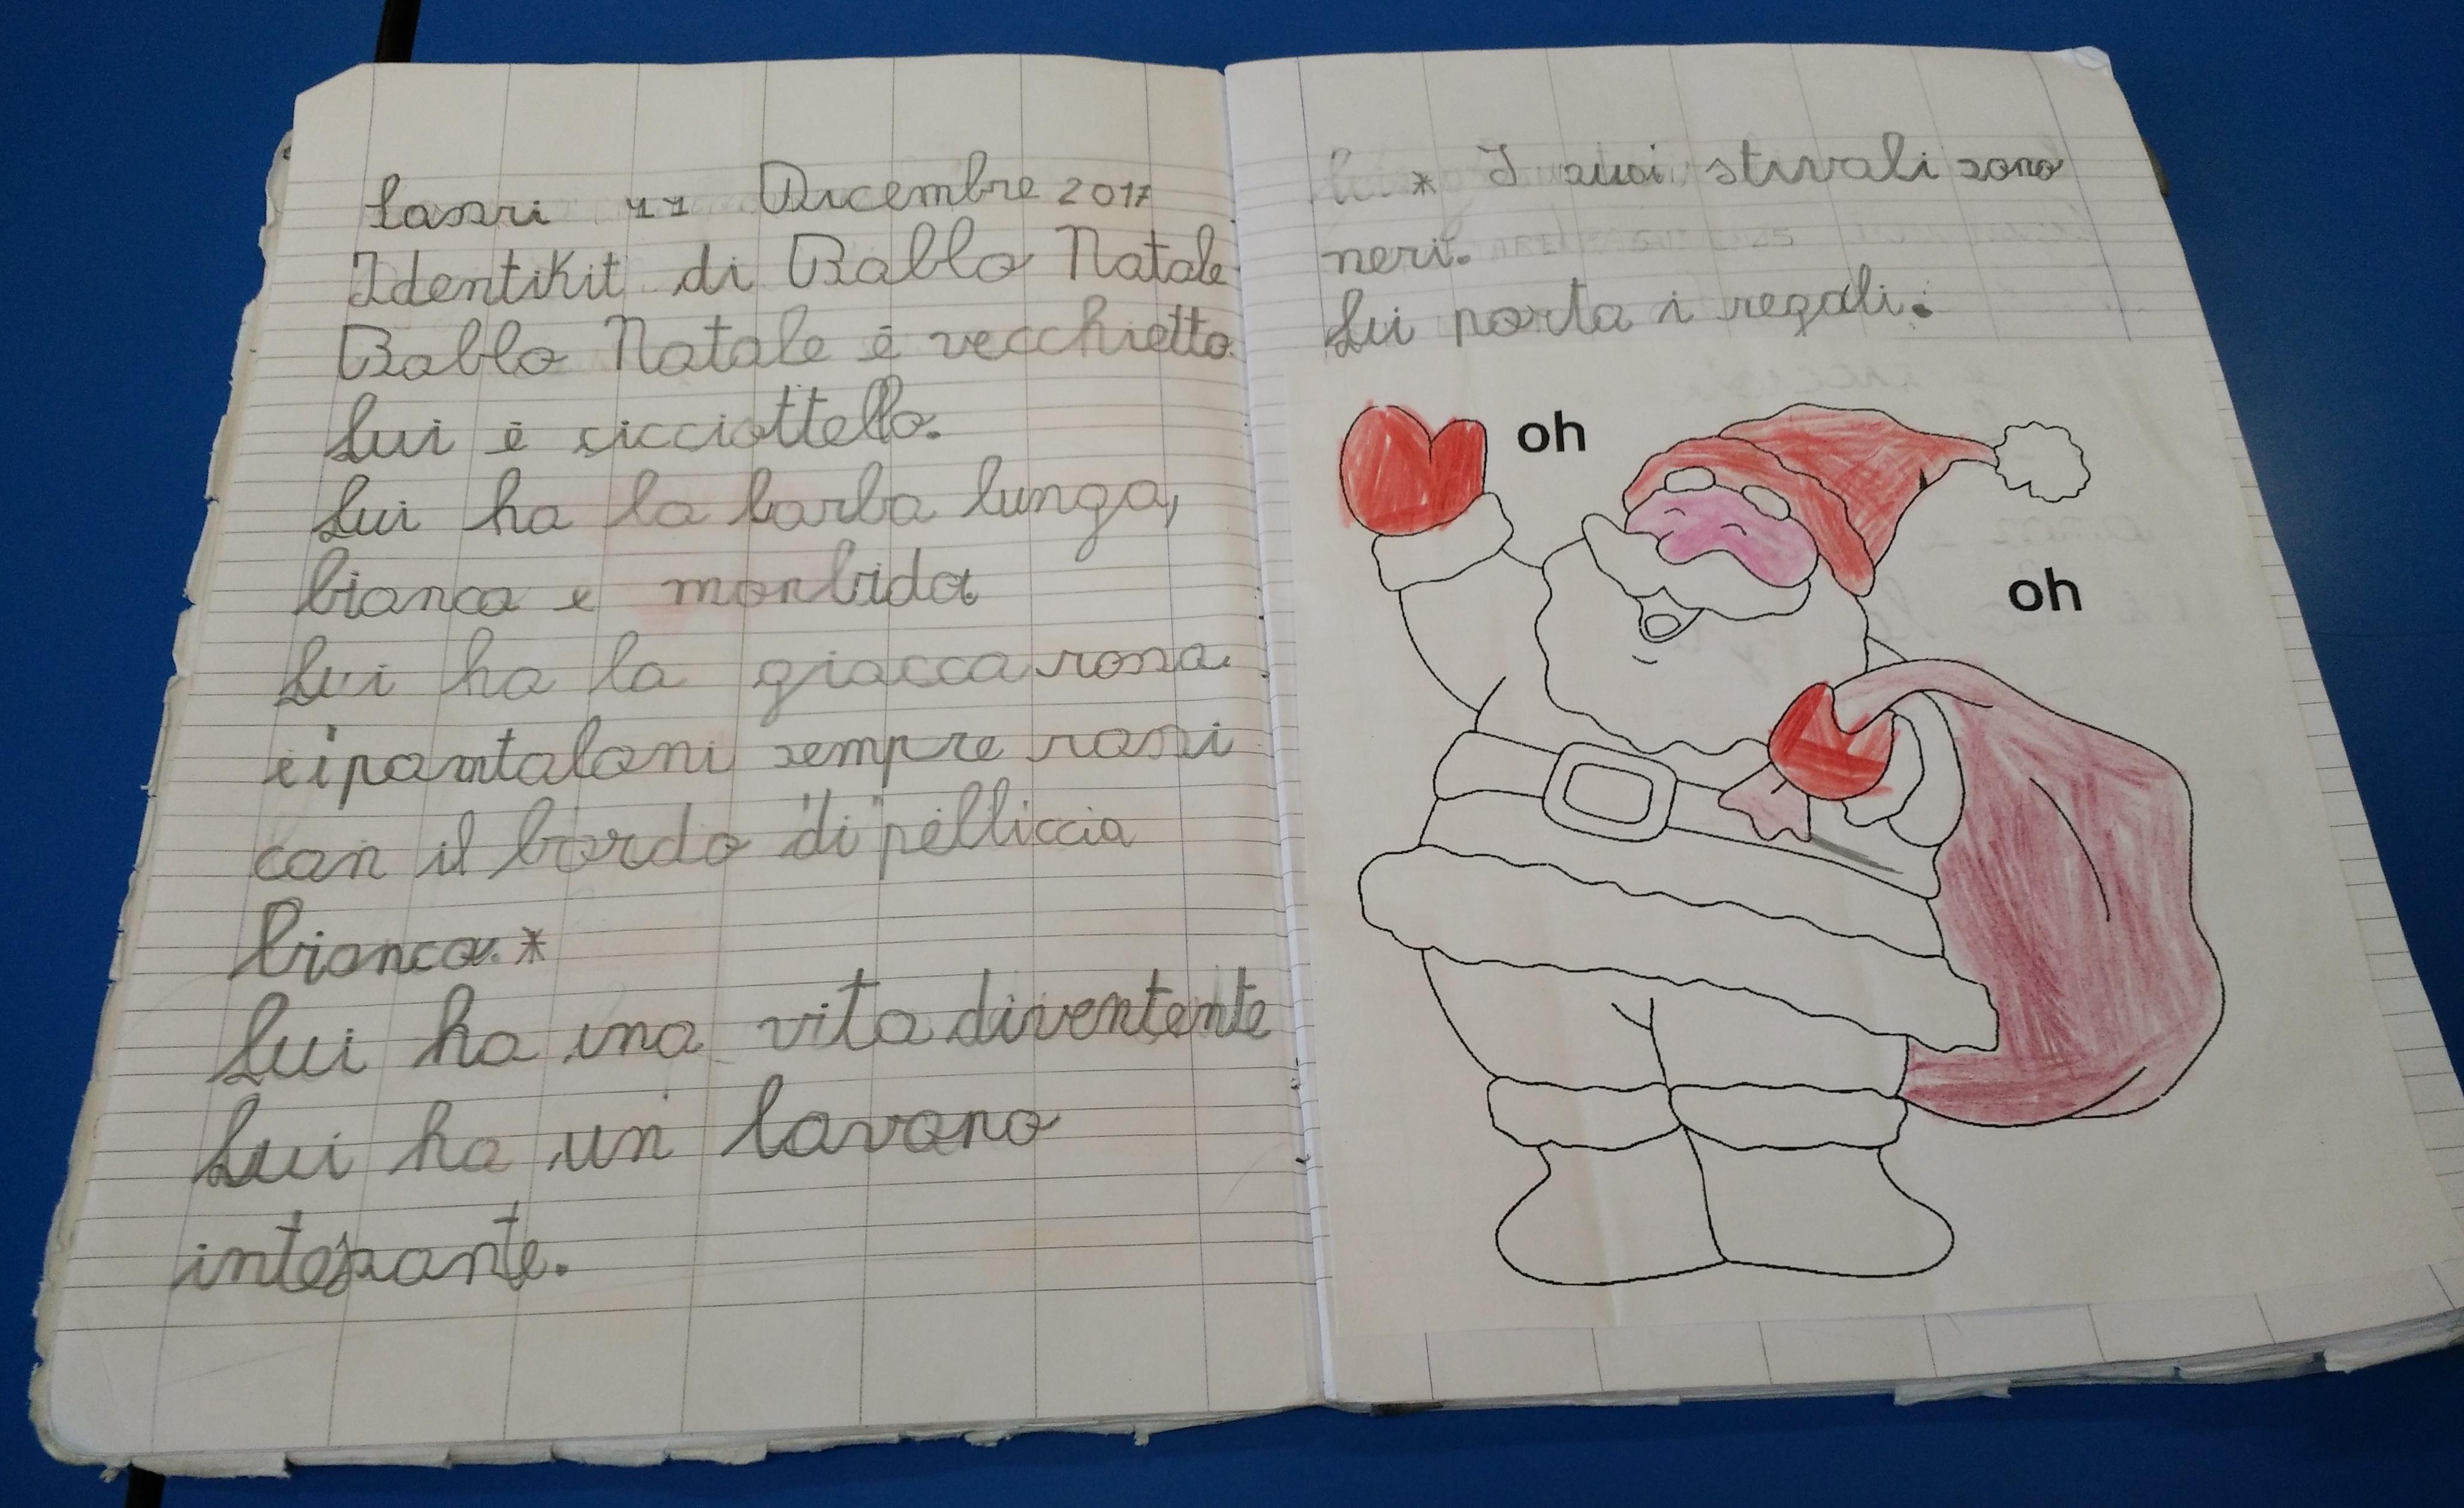 Descrizione Di Babbo Natale Per Bambini.Identikit Della Befana